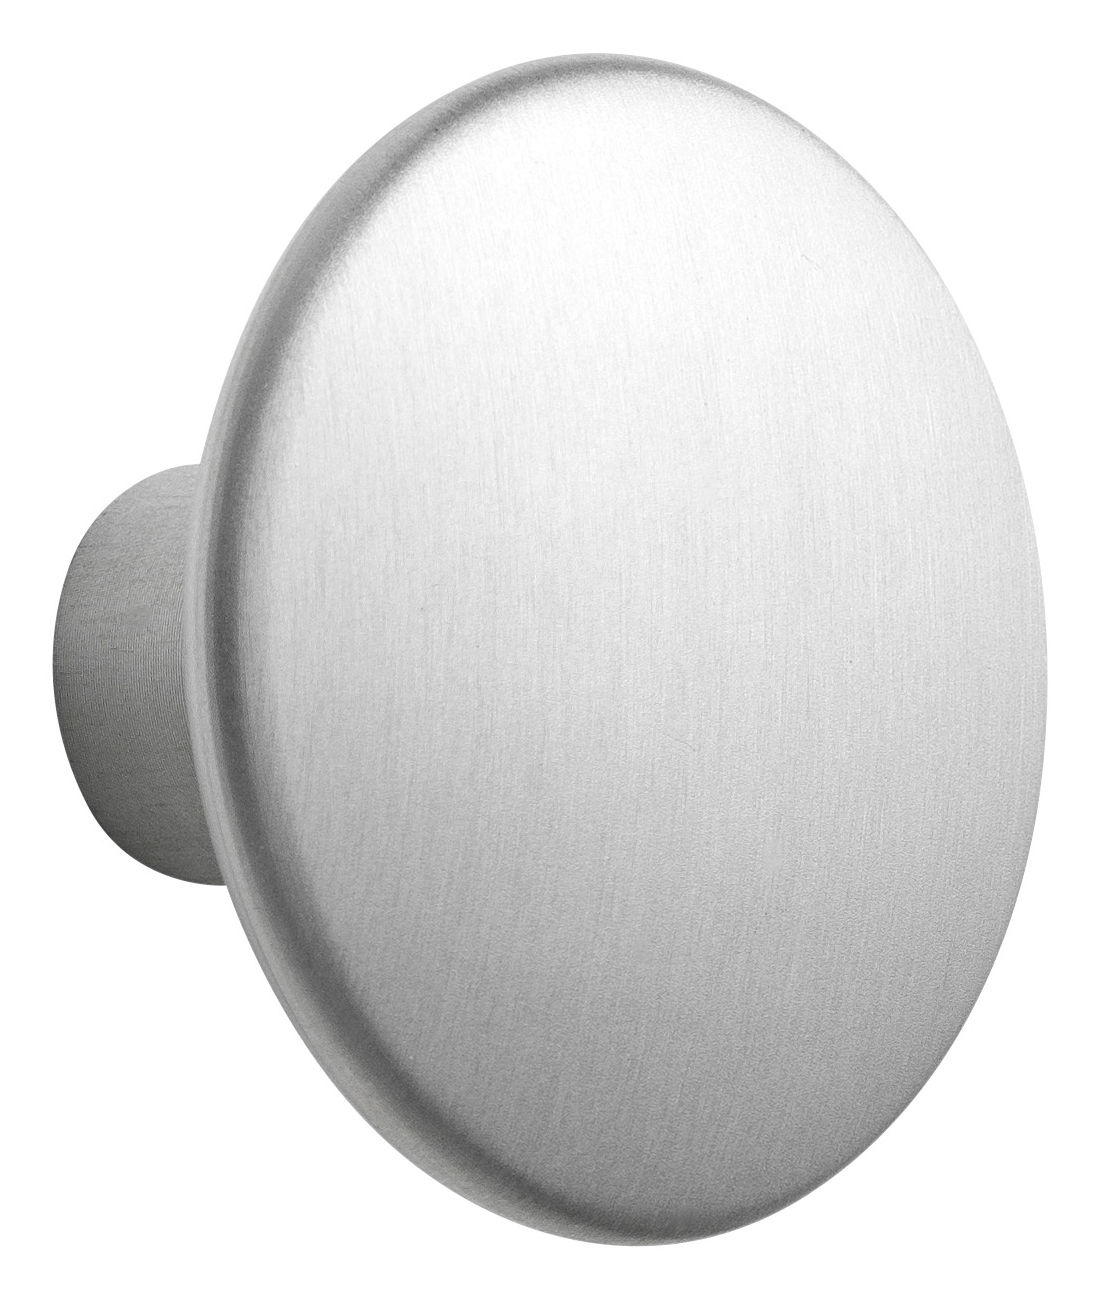 Mobilier - Portemanteaux, patères & portants - Patère The Dots Metal / Large - Ø 5 cm - Muuto - Aluminium - Aluminium